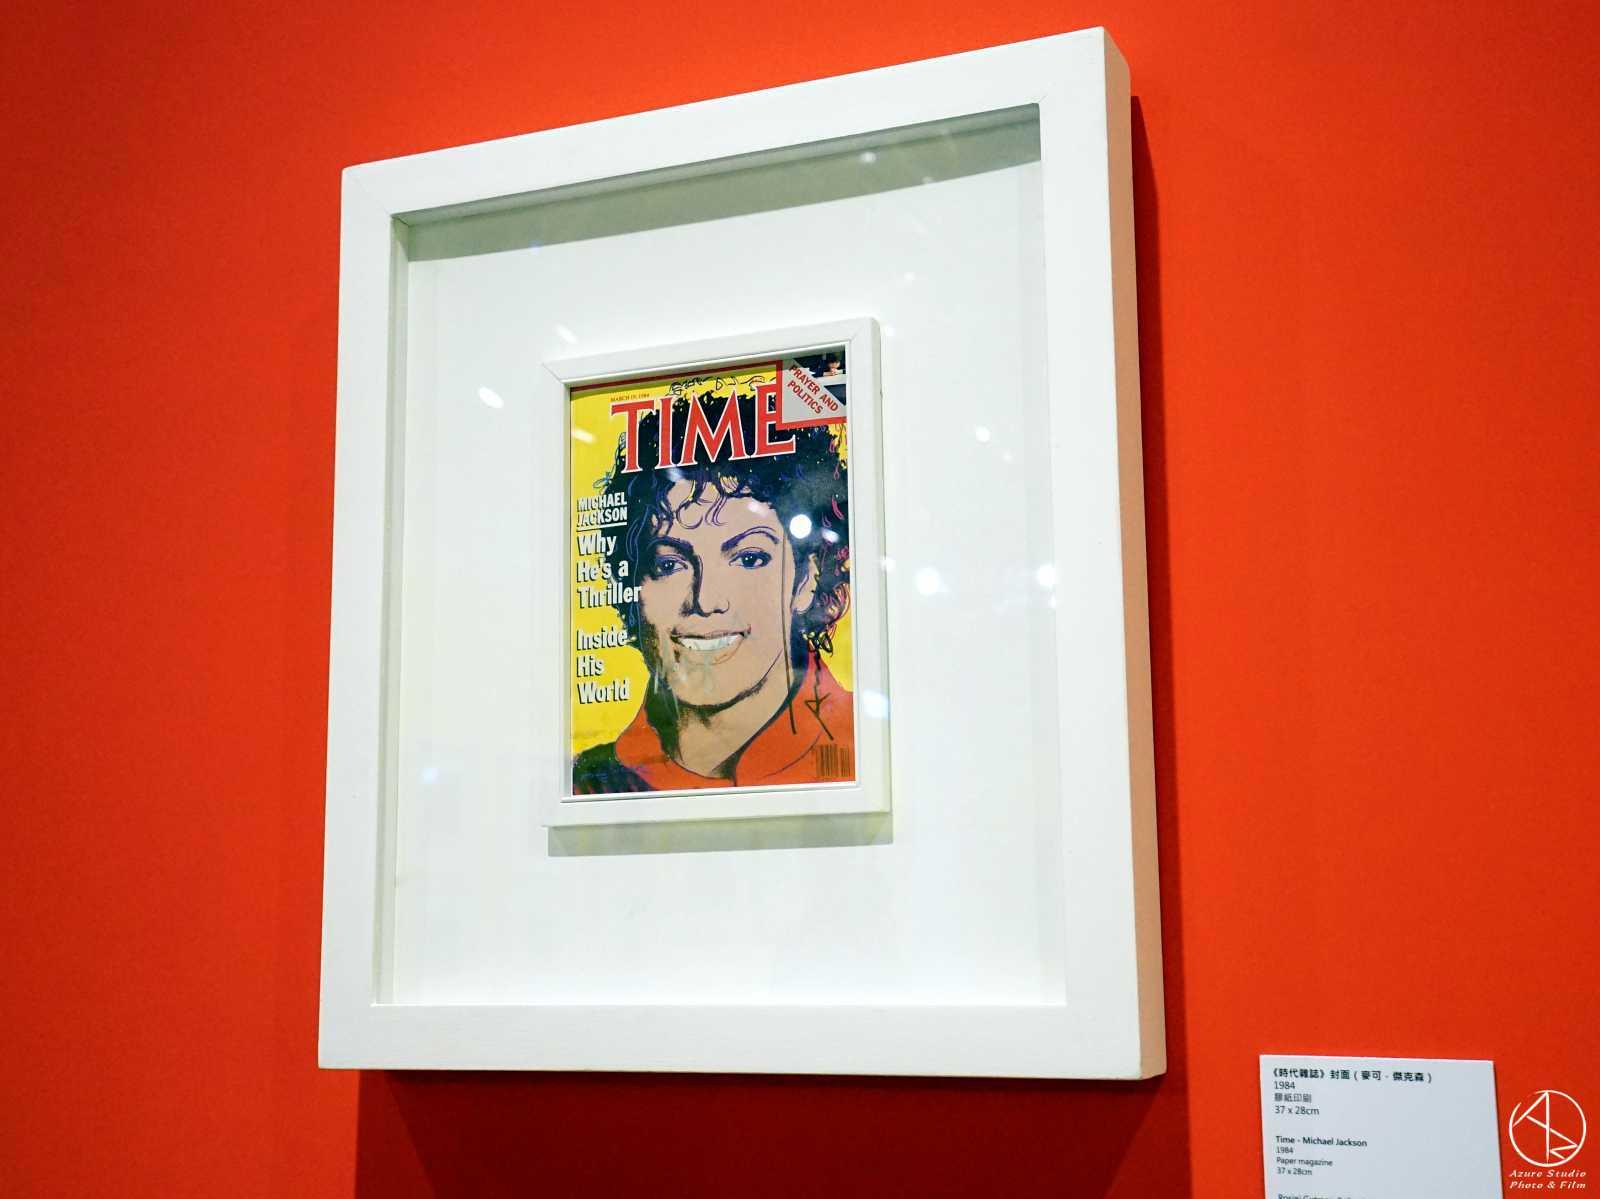 安迪沃荷普普狂想特展,看展心得,必看重點,麥可傑克森,時代雜誌封面創作